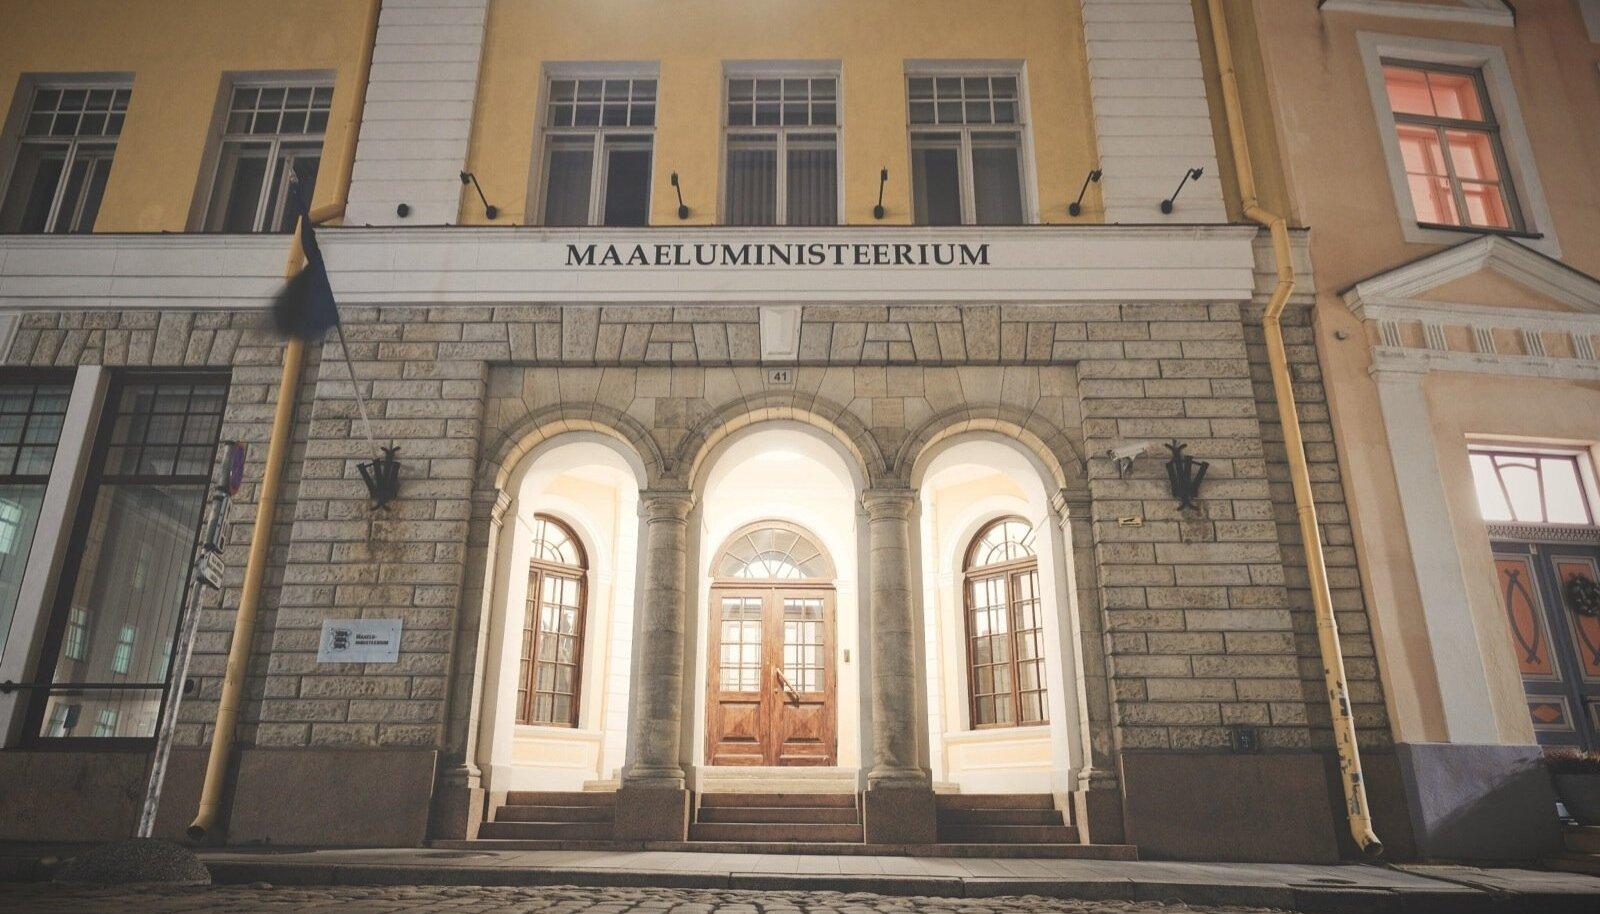 Maaeluministeerium